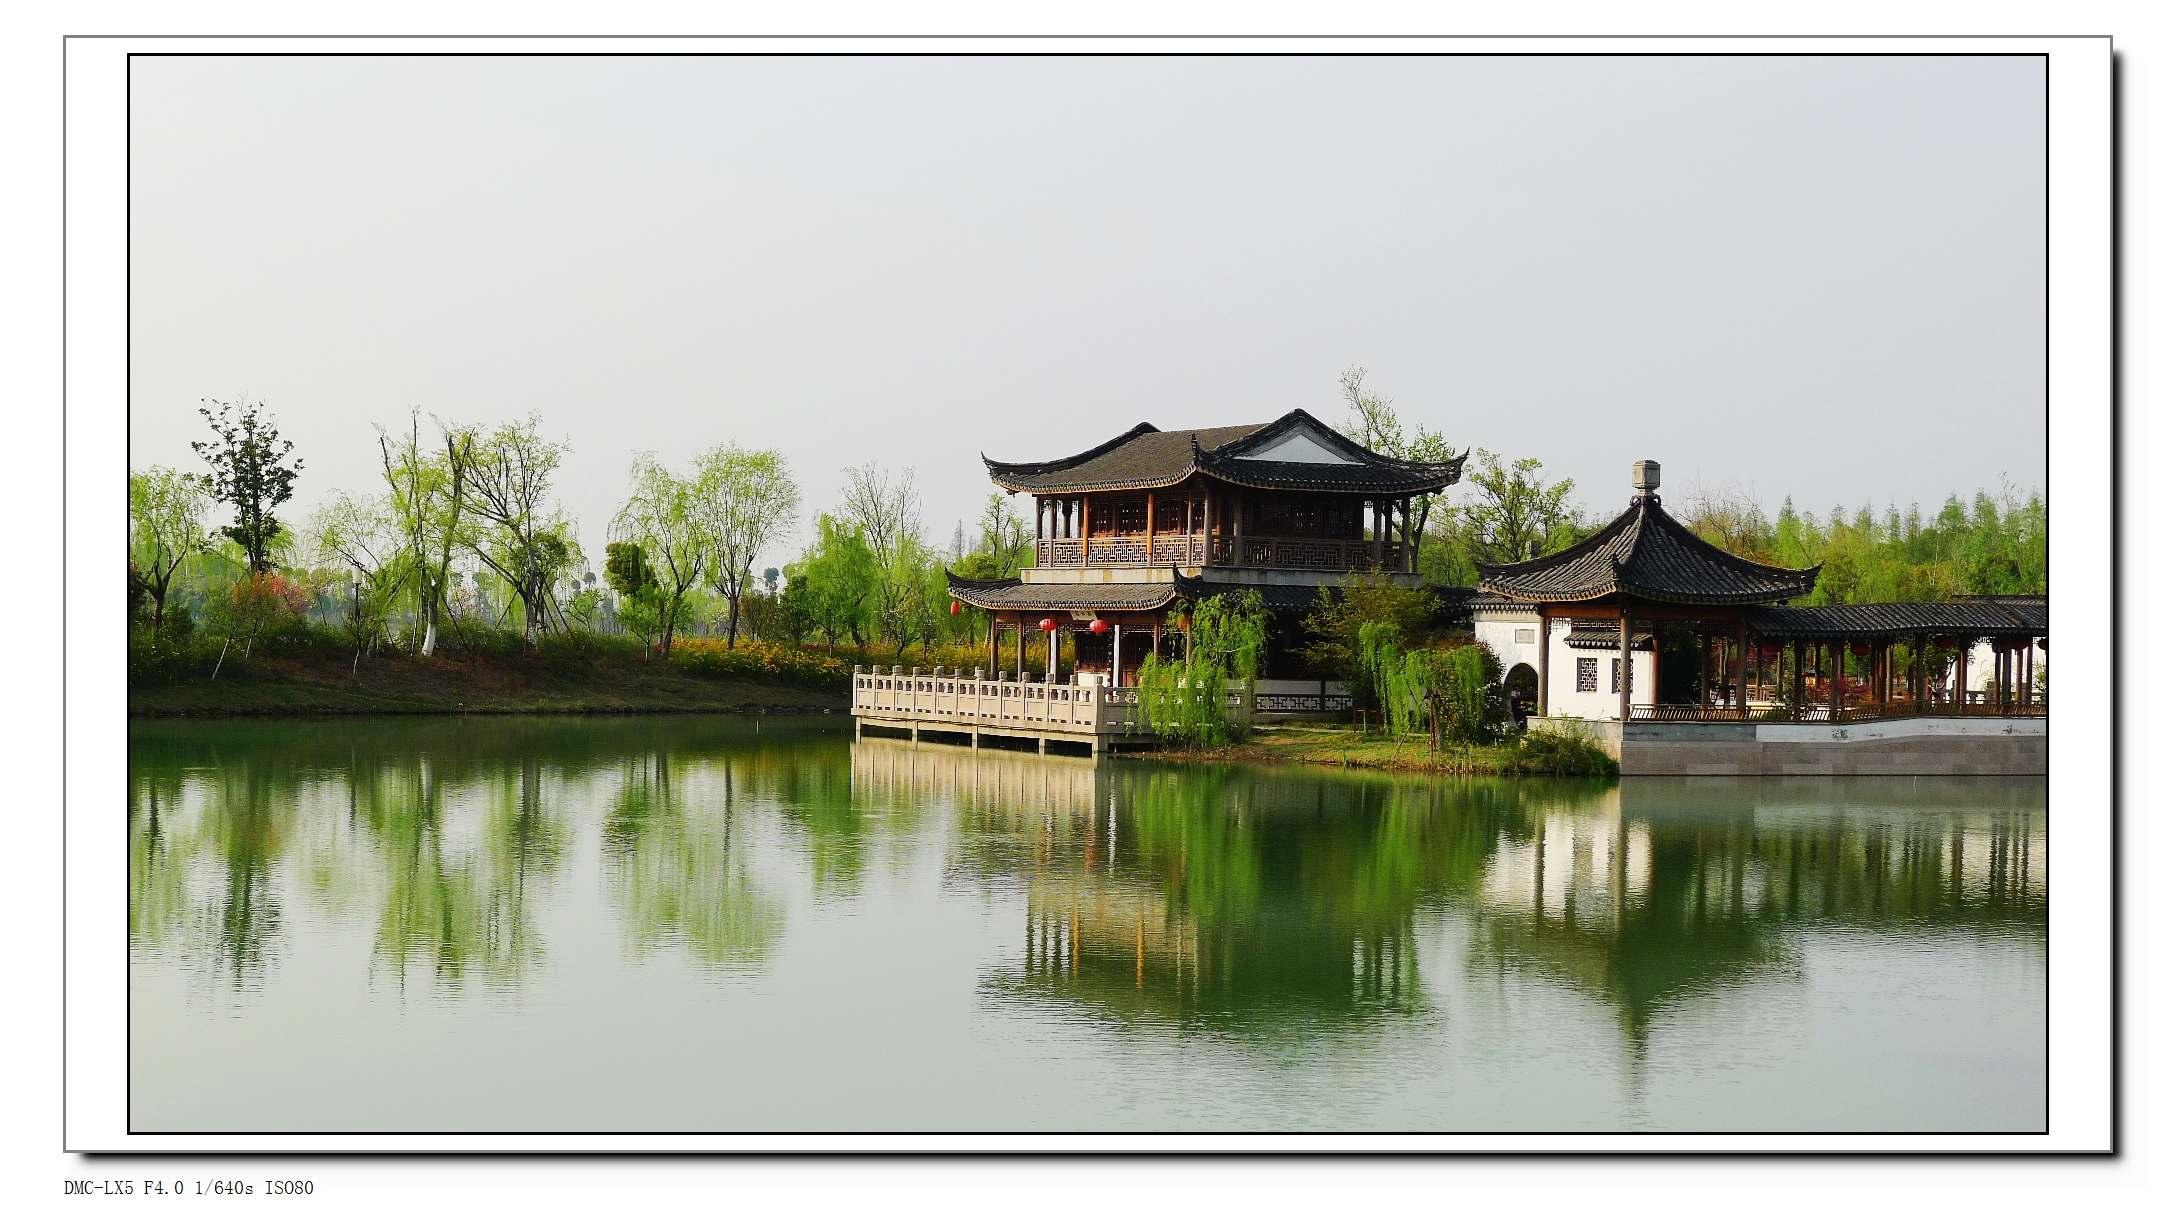 乱花渐欲迷人眼 正是江南好风景 尚湖随拍 - 摄